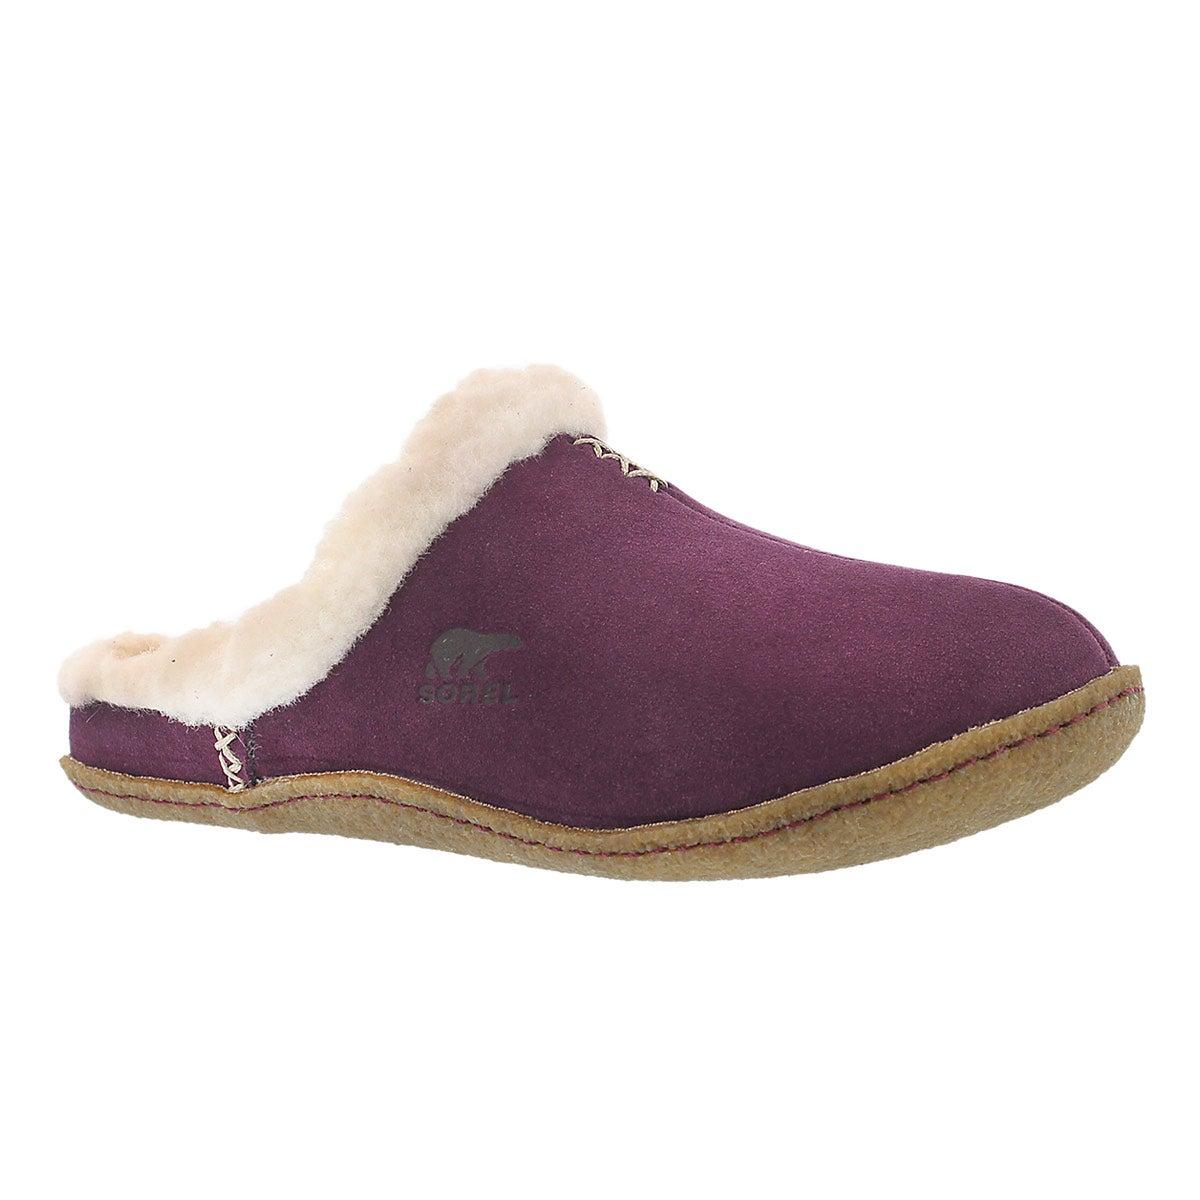 Lds Nakiska Slide purple suede slipper